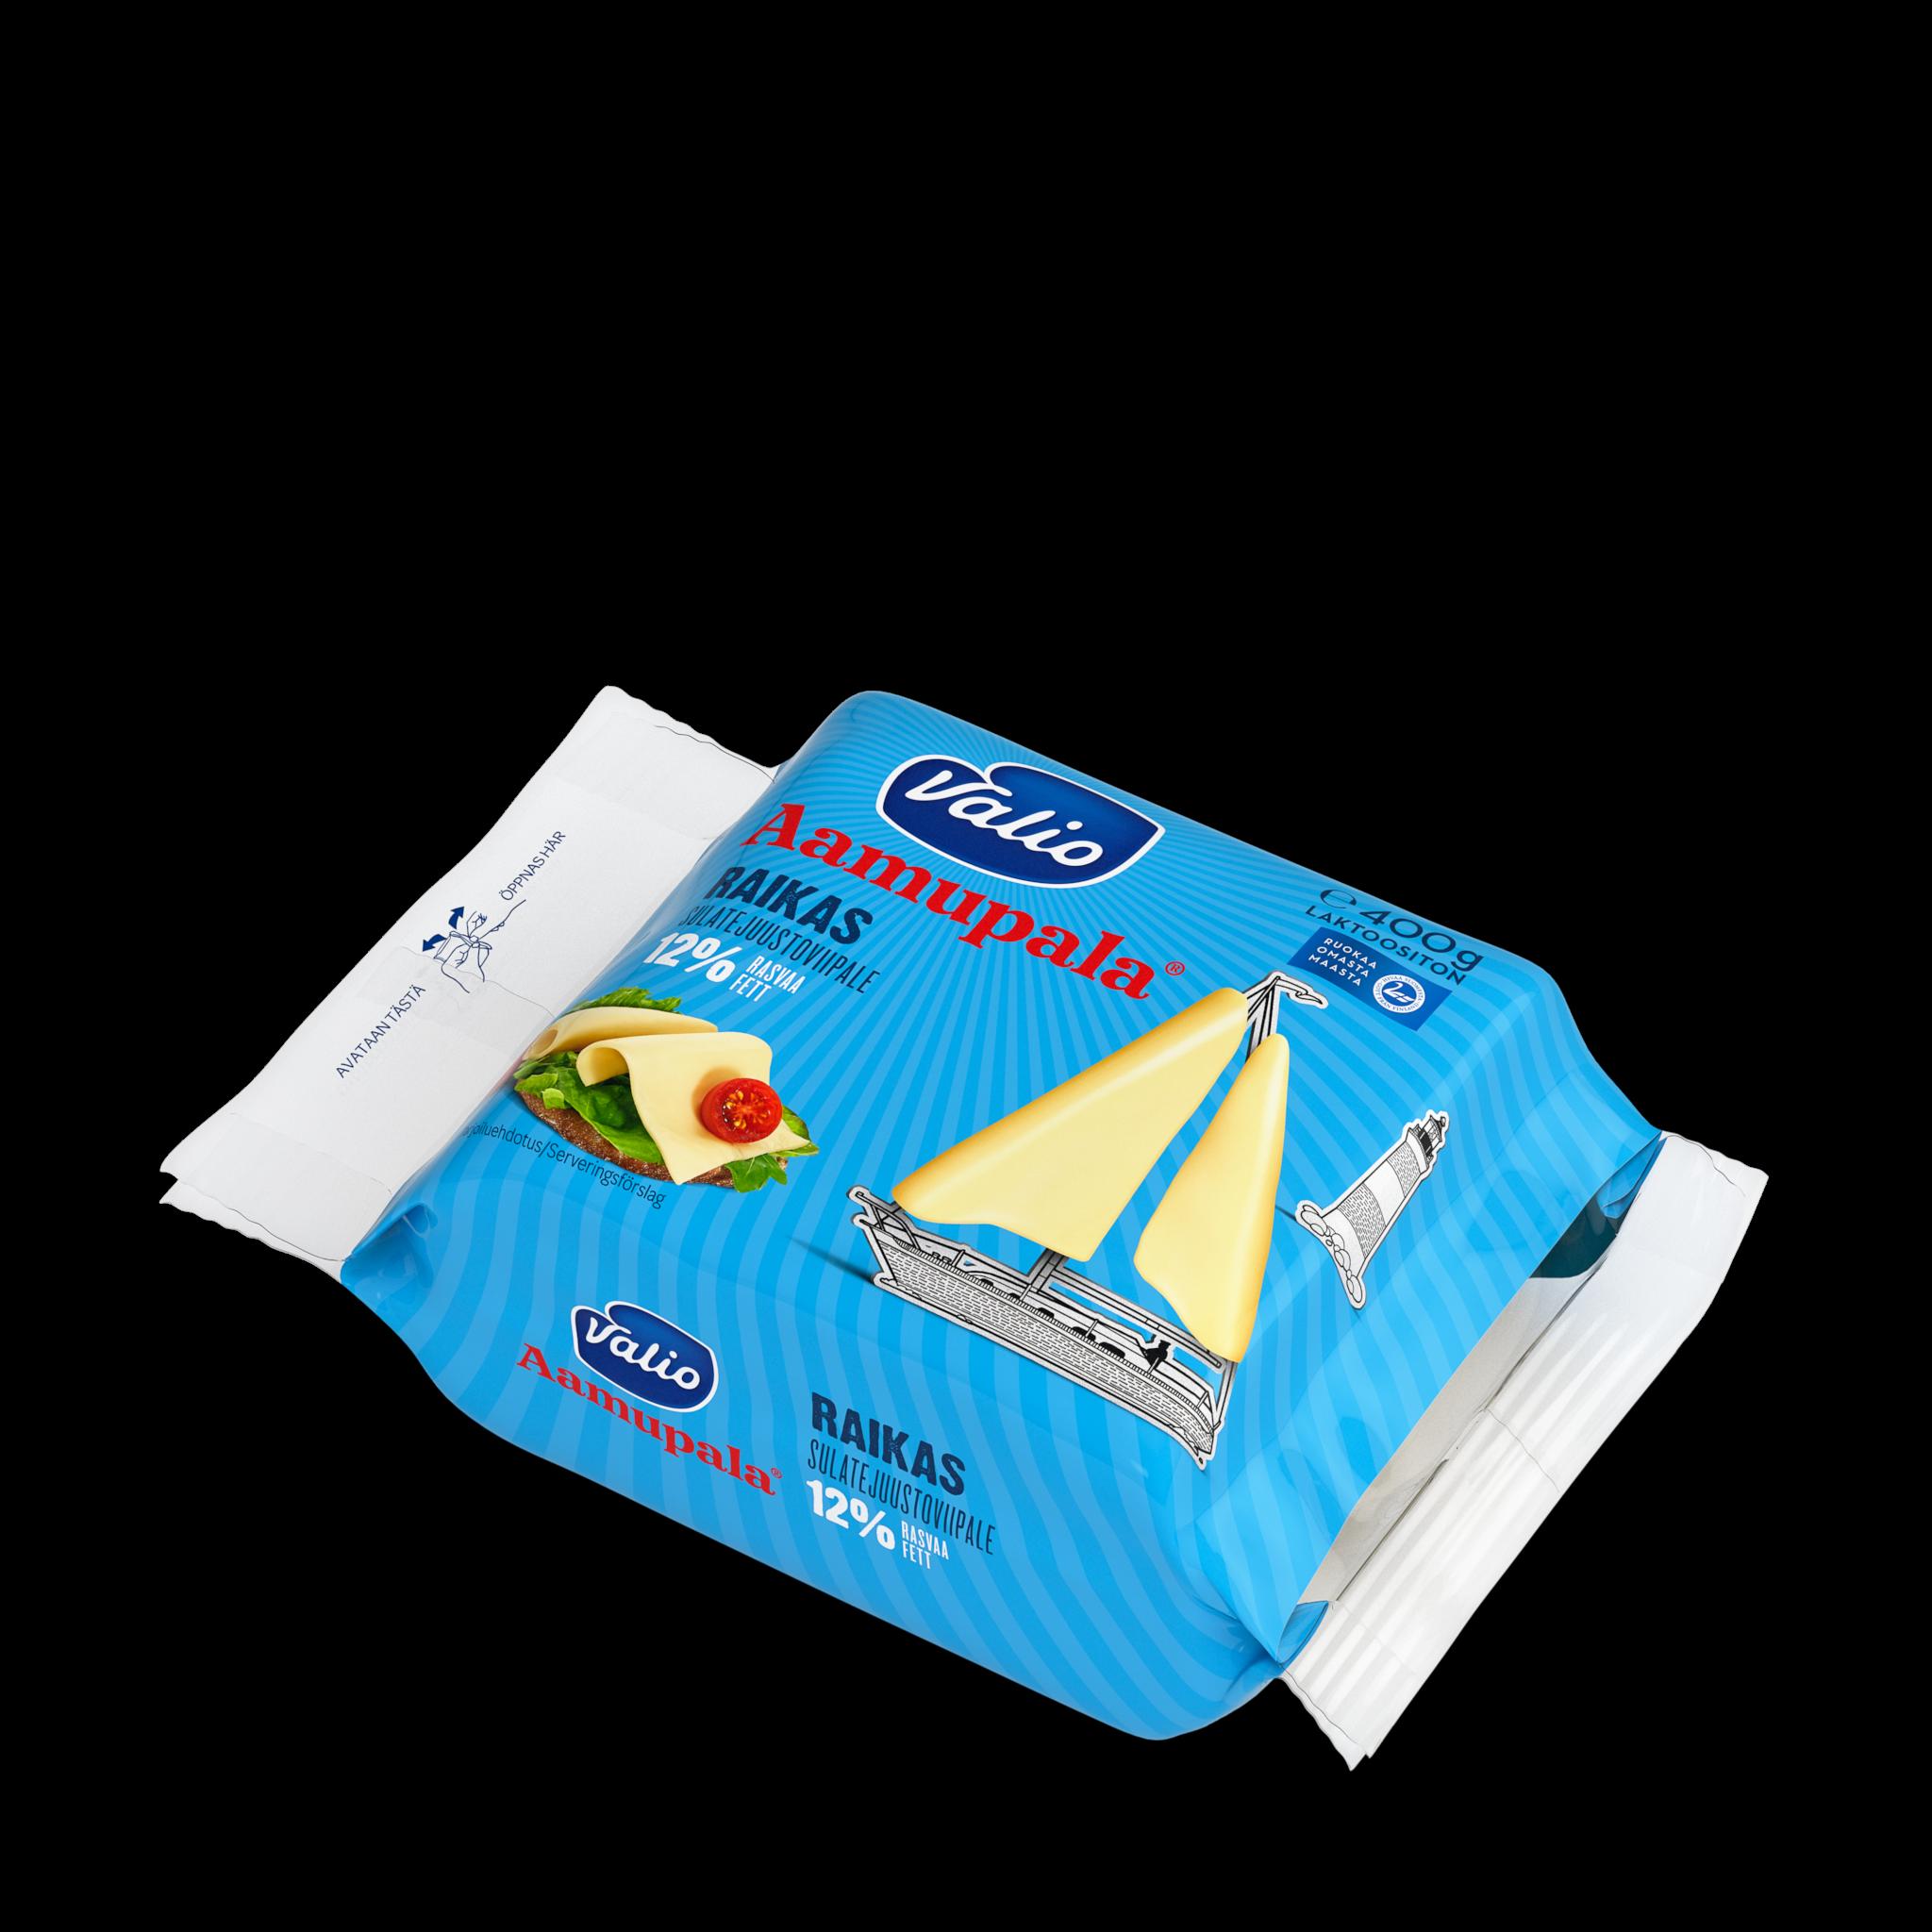 Valio Aamupala® raikas 12 % sulatejuustoviipale